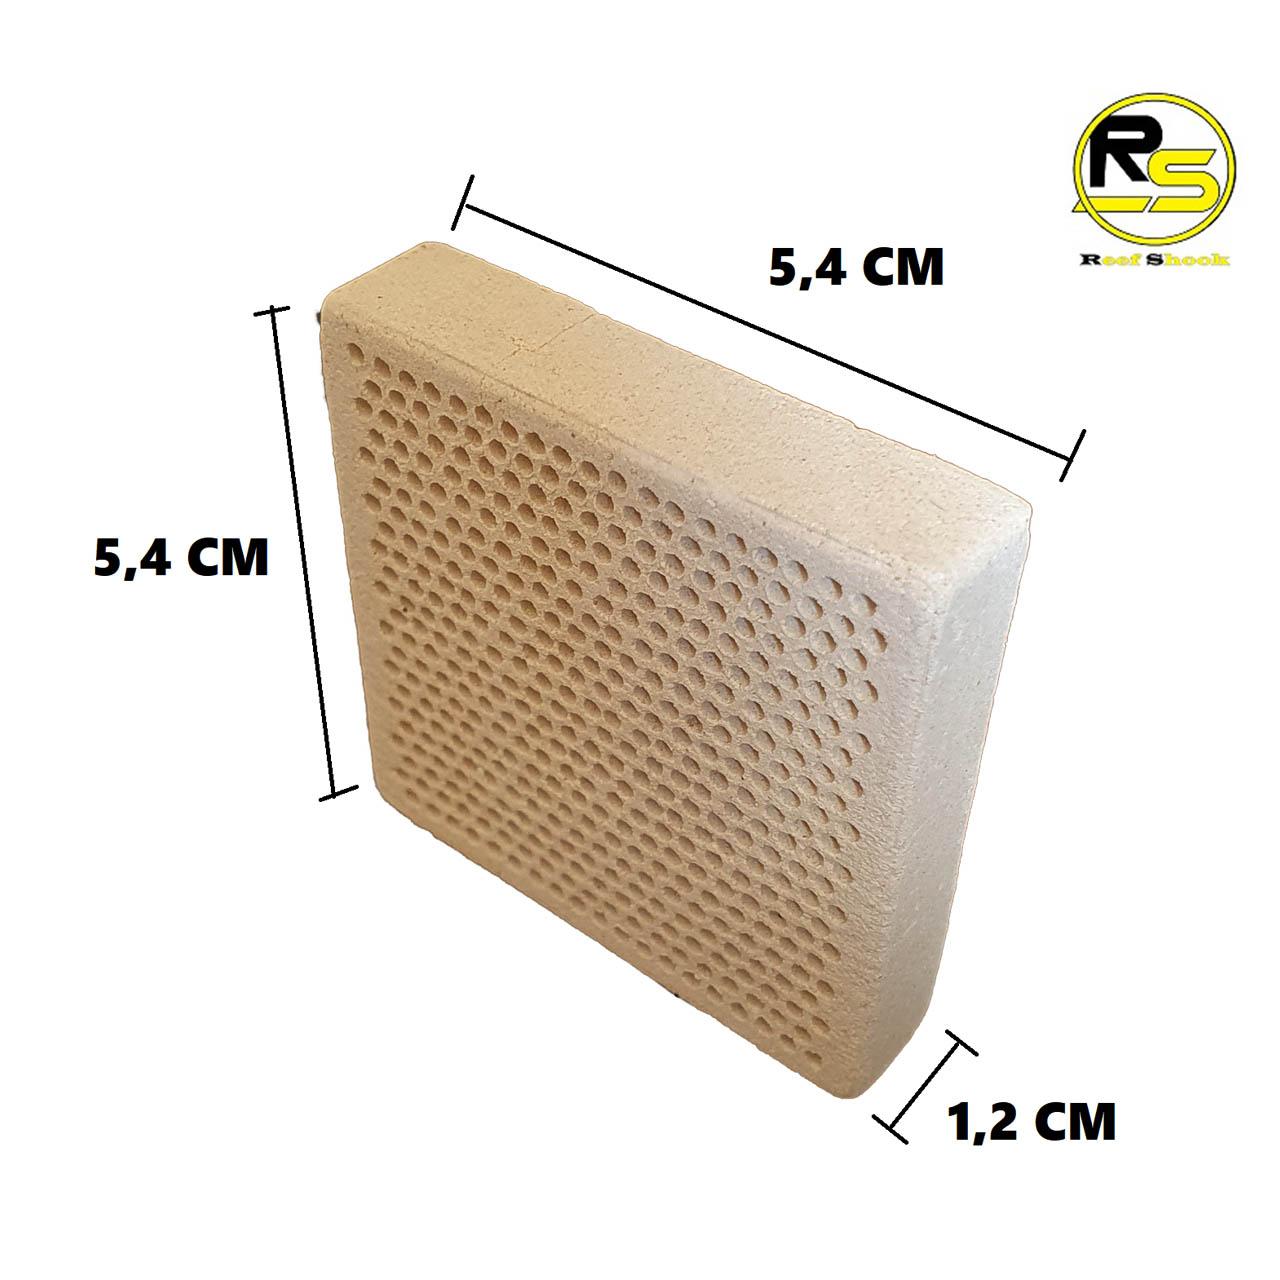 Base para Coral em Ceramica 3,6 x 3,6 x 1 cm kit 100 unidades